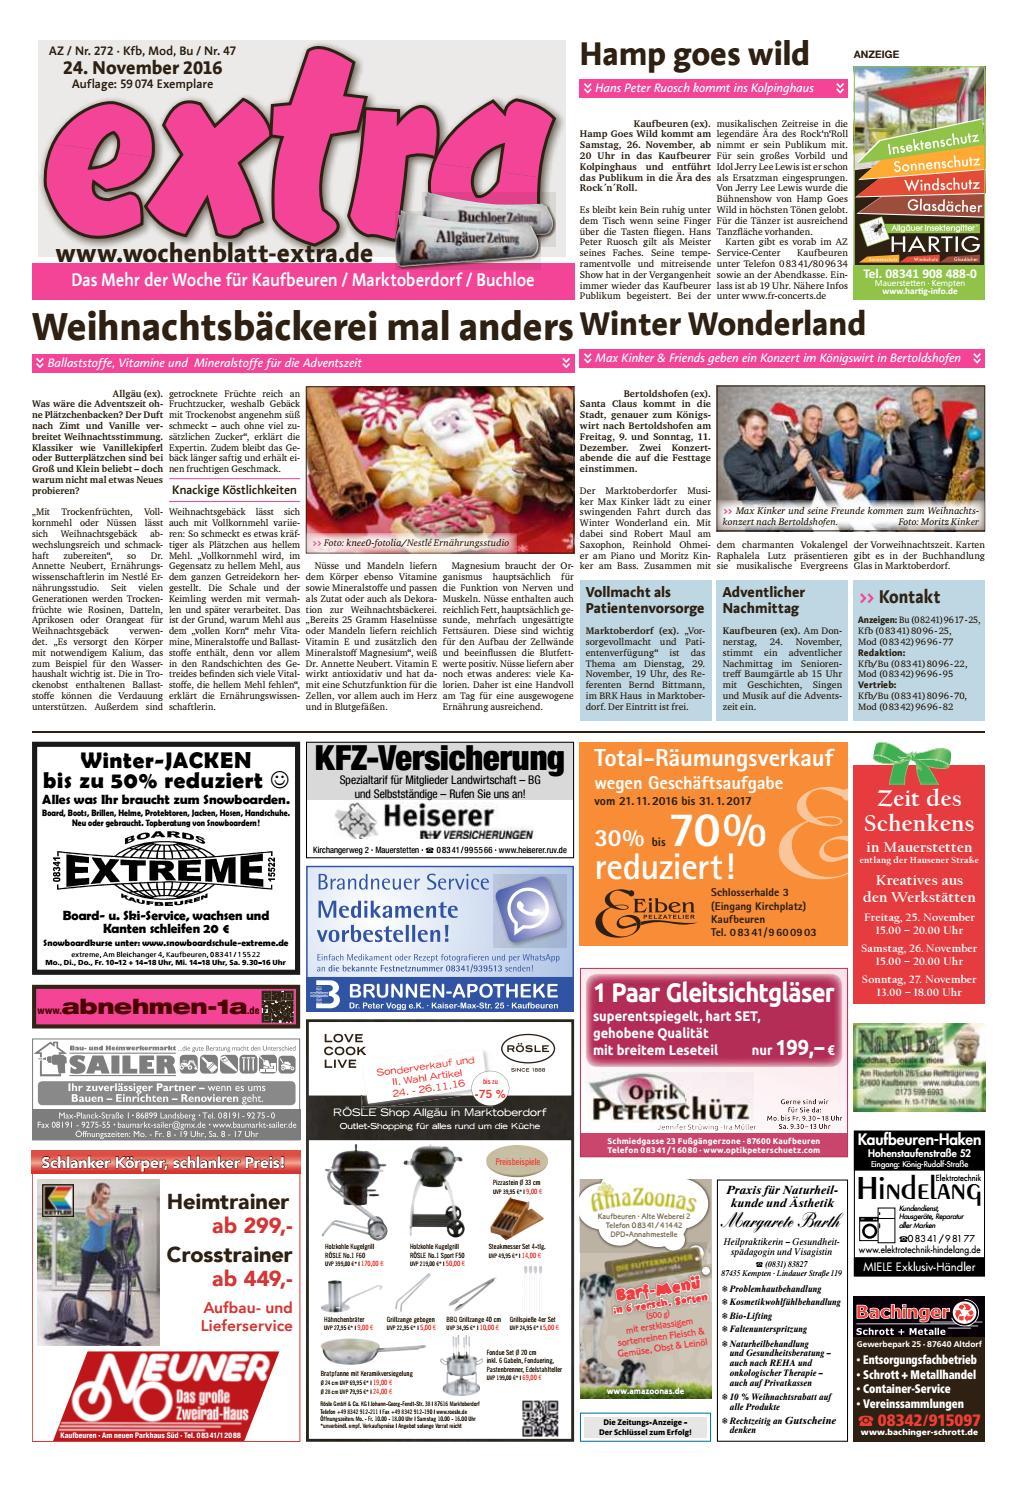 extra Kaufbeuren vom Donnerstag, 24. November by rta.design GmbH - issuu